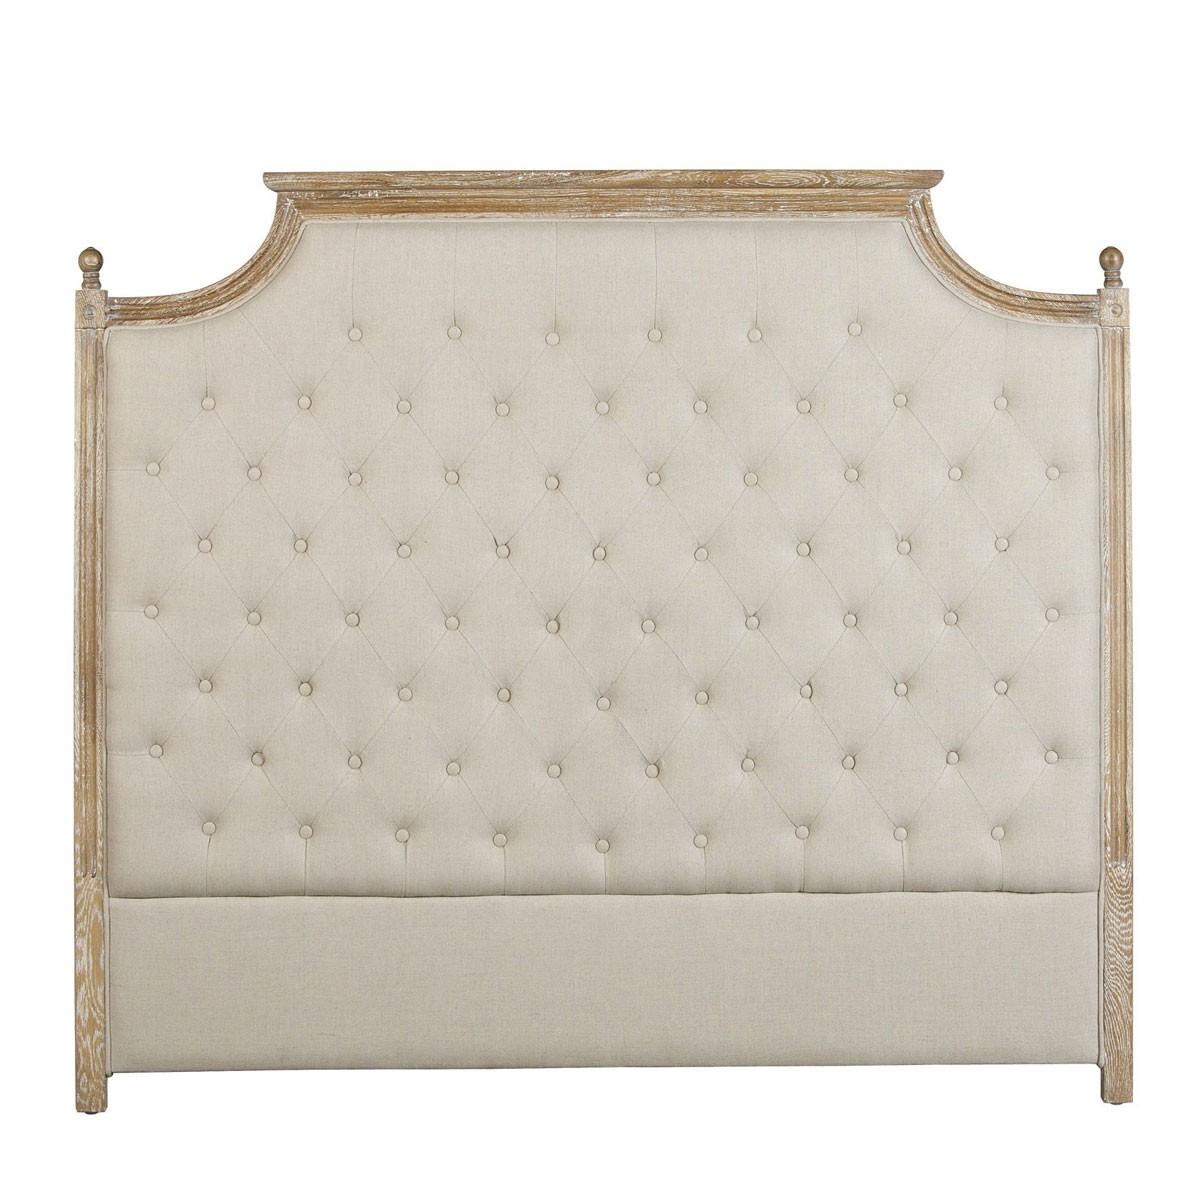 Cabezal 160cm tapizado con marco de madera - Erizho